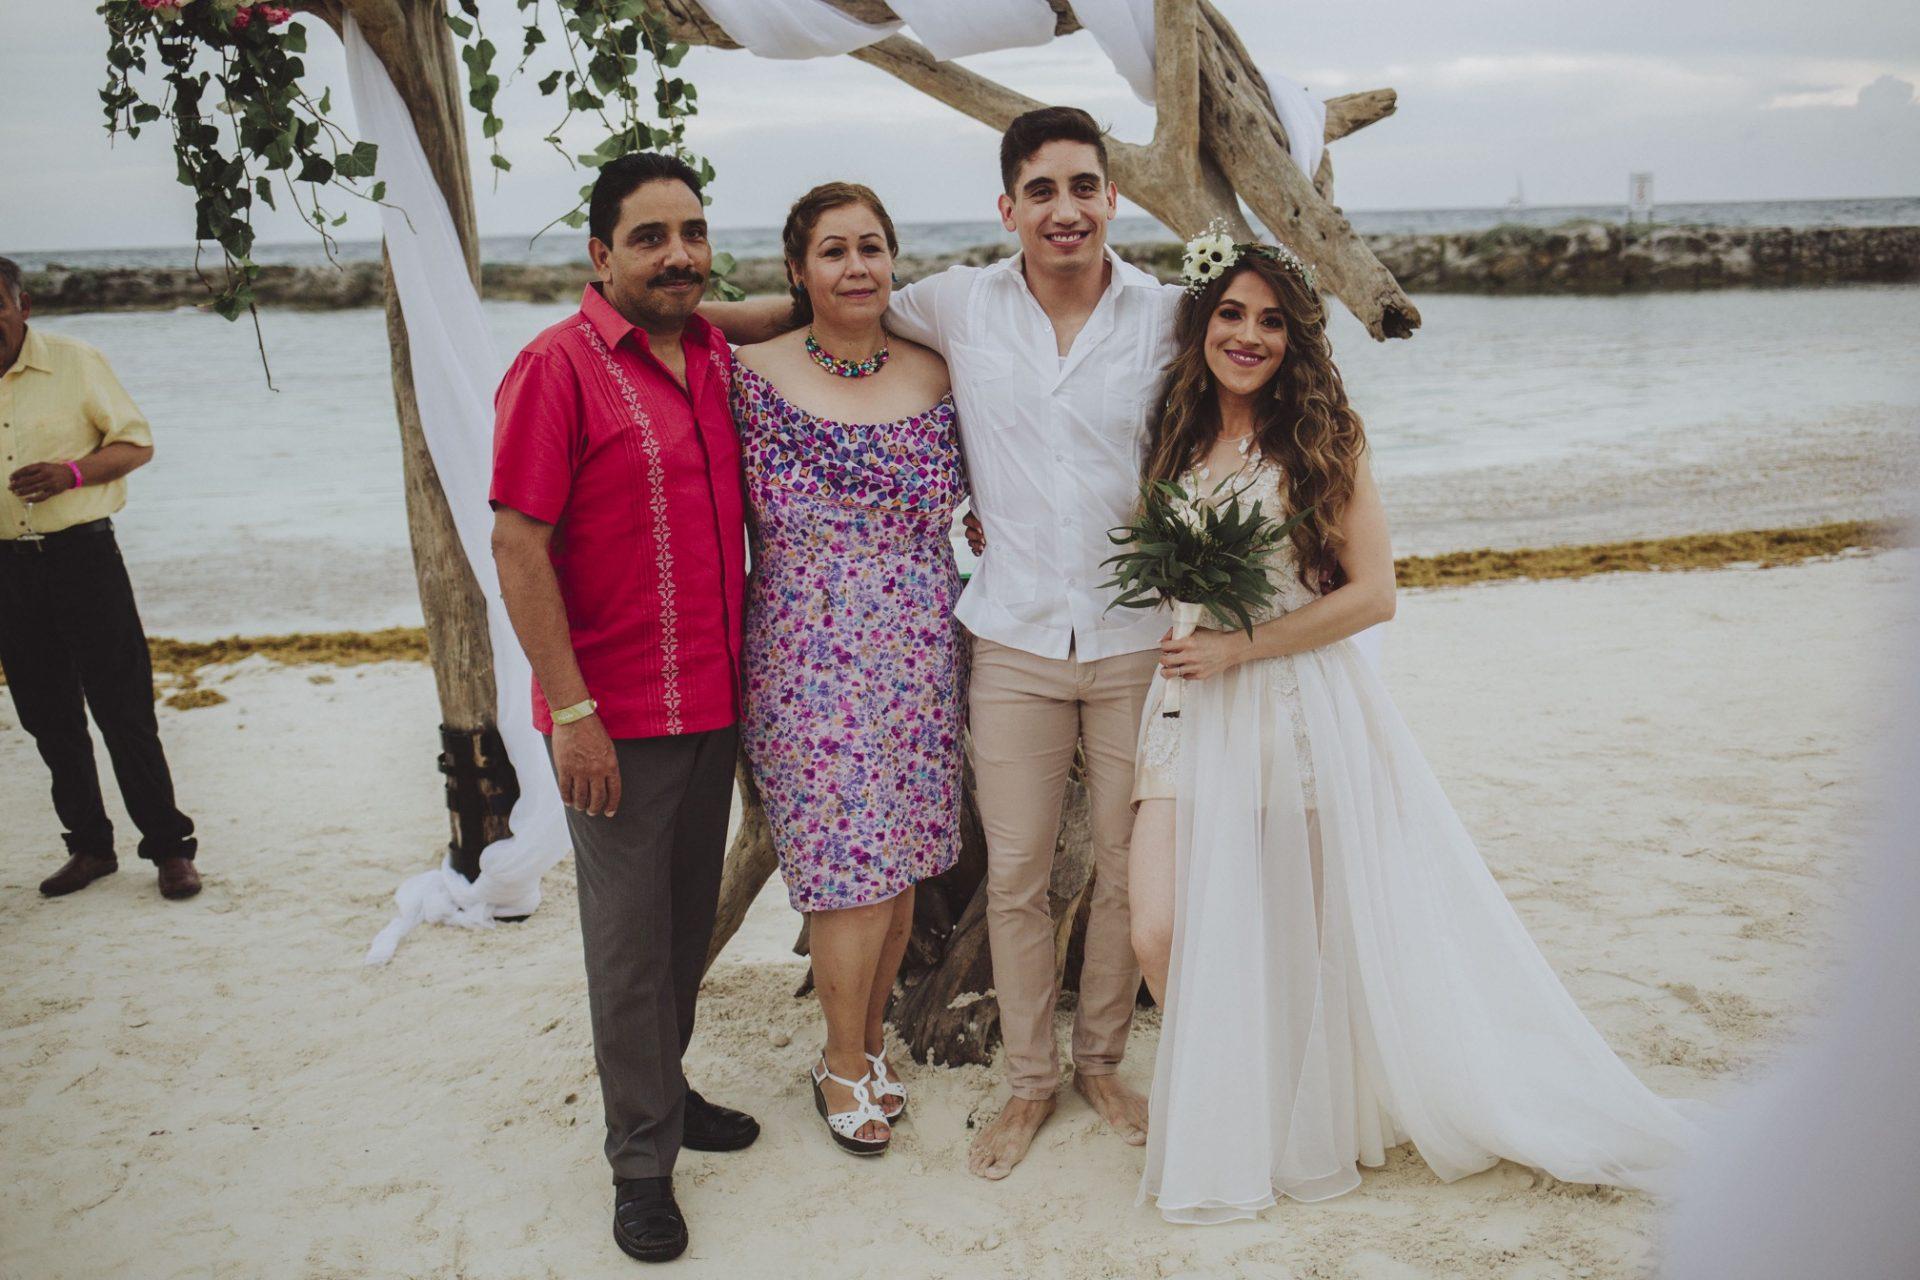 fotografo_bodas_profesional_zacatecas_riviera_maya_cancun-114